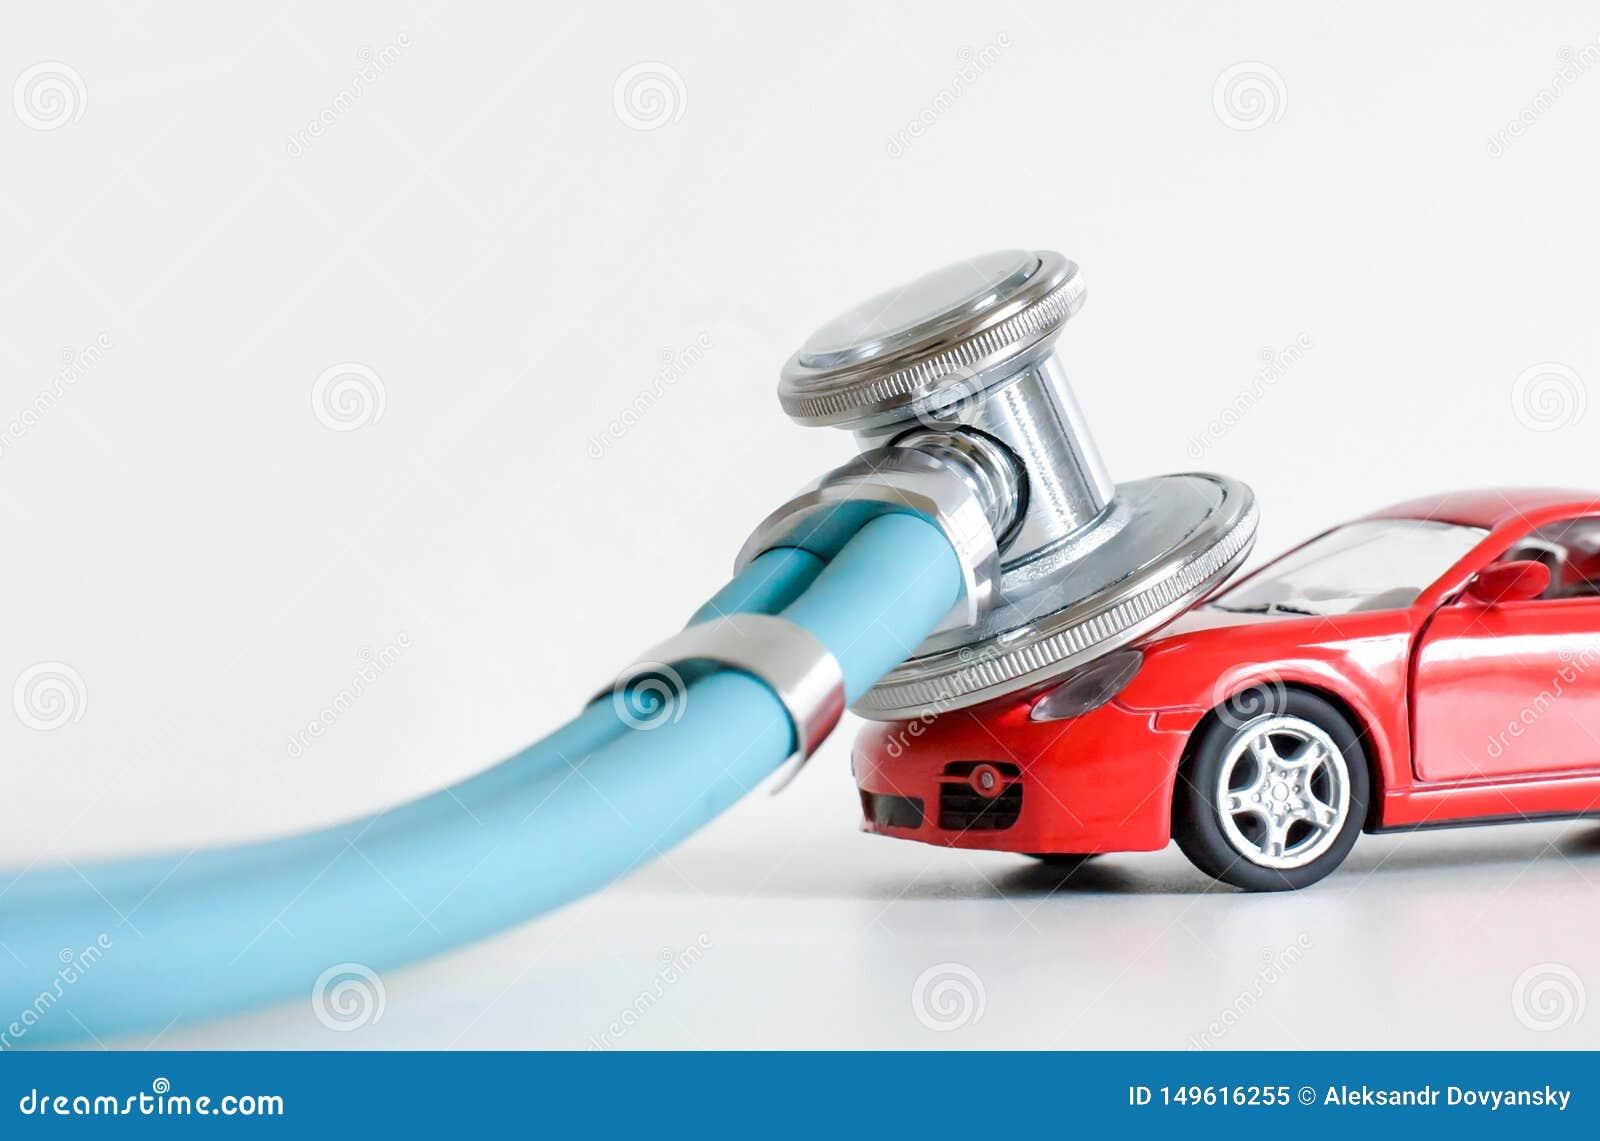 Car Repair And Maintenance >> Diagnostics And Car Repair Stethoscope Inspection Repair